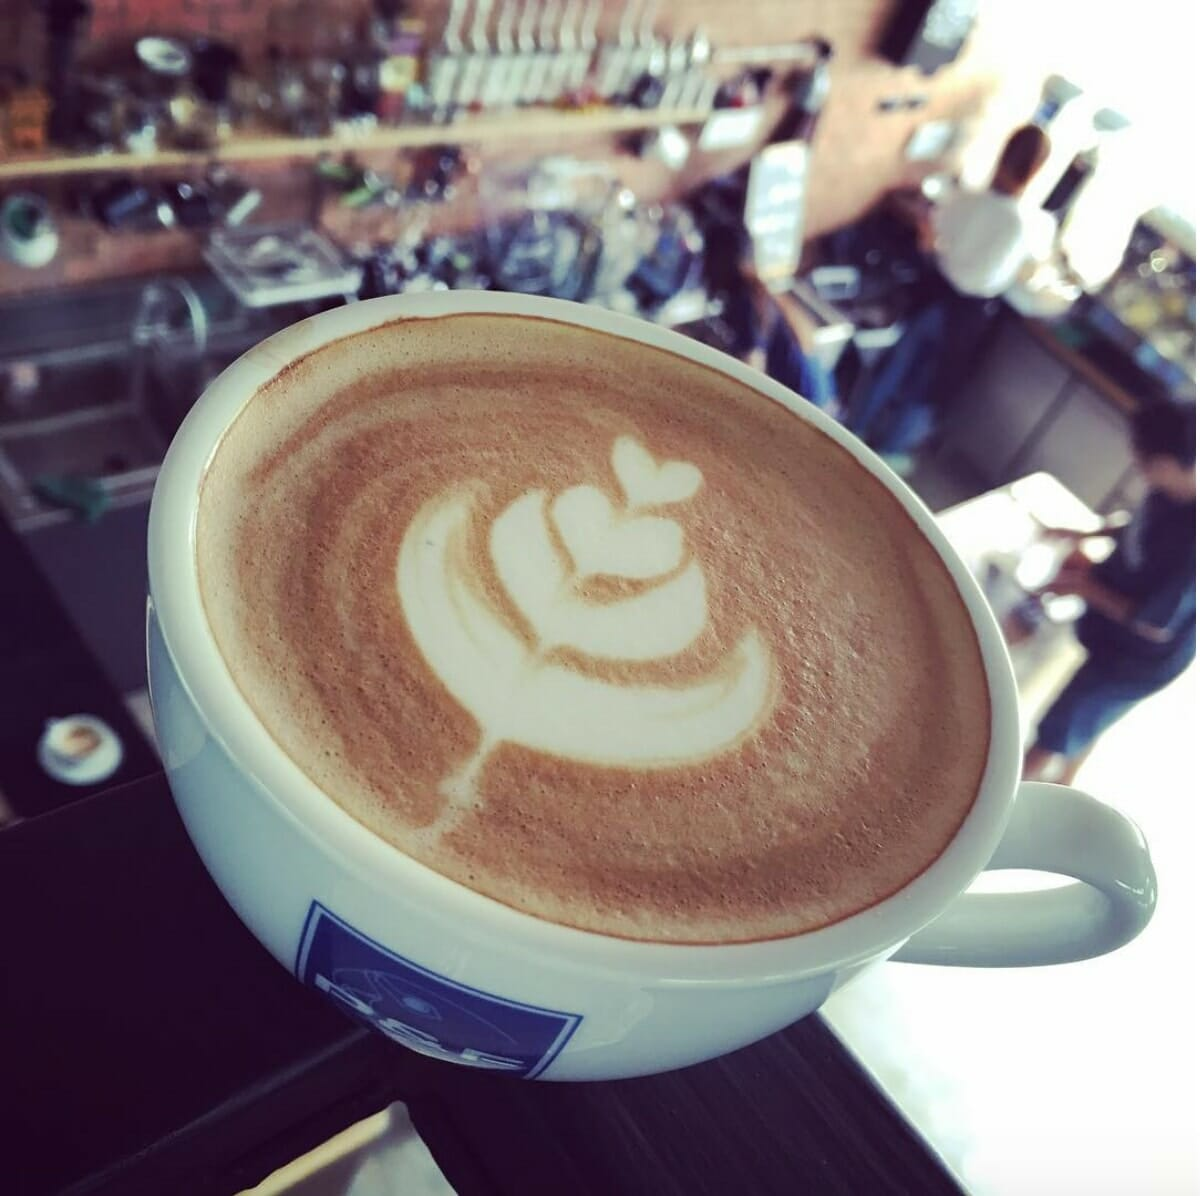 Cr. Suan Pailom Coffee Roasting.